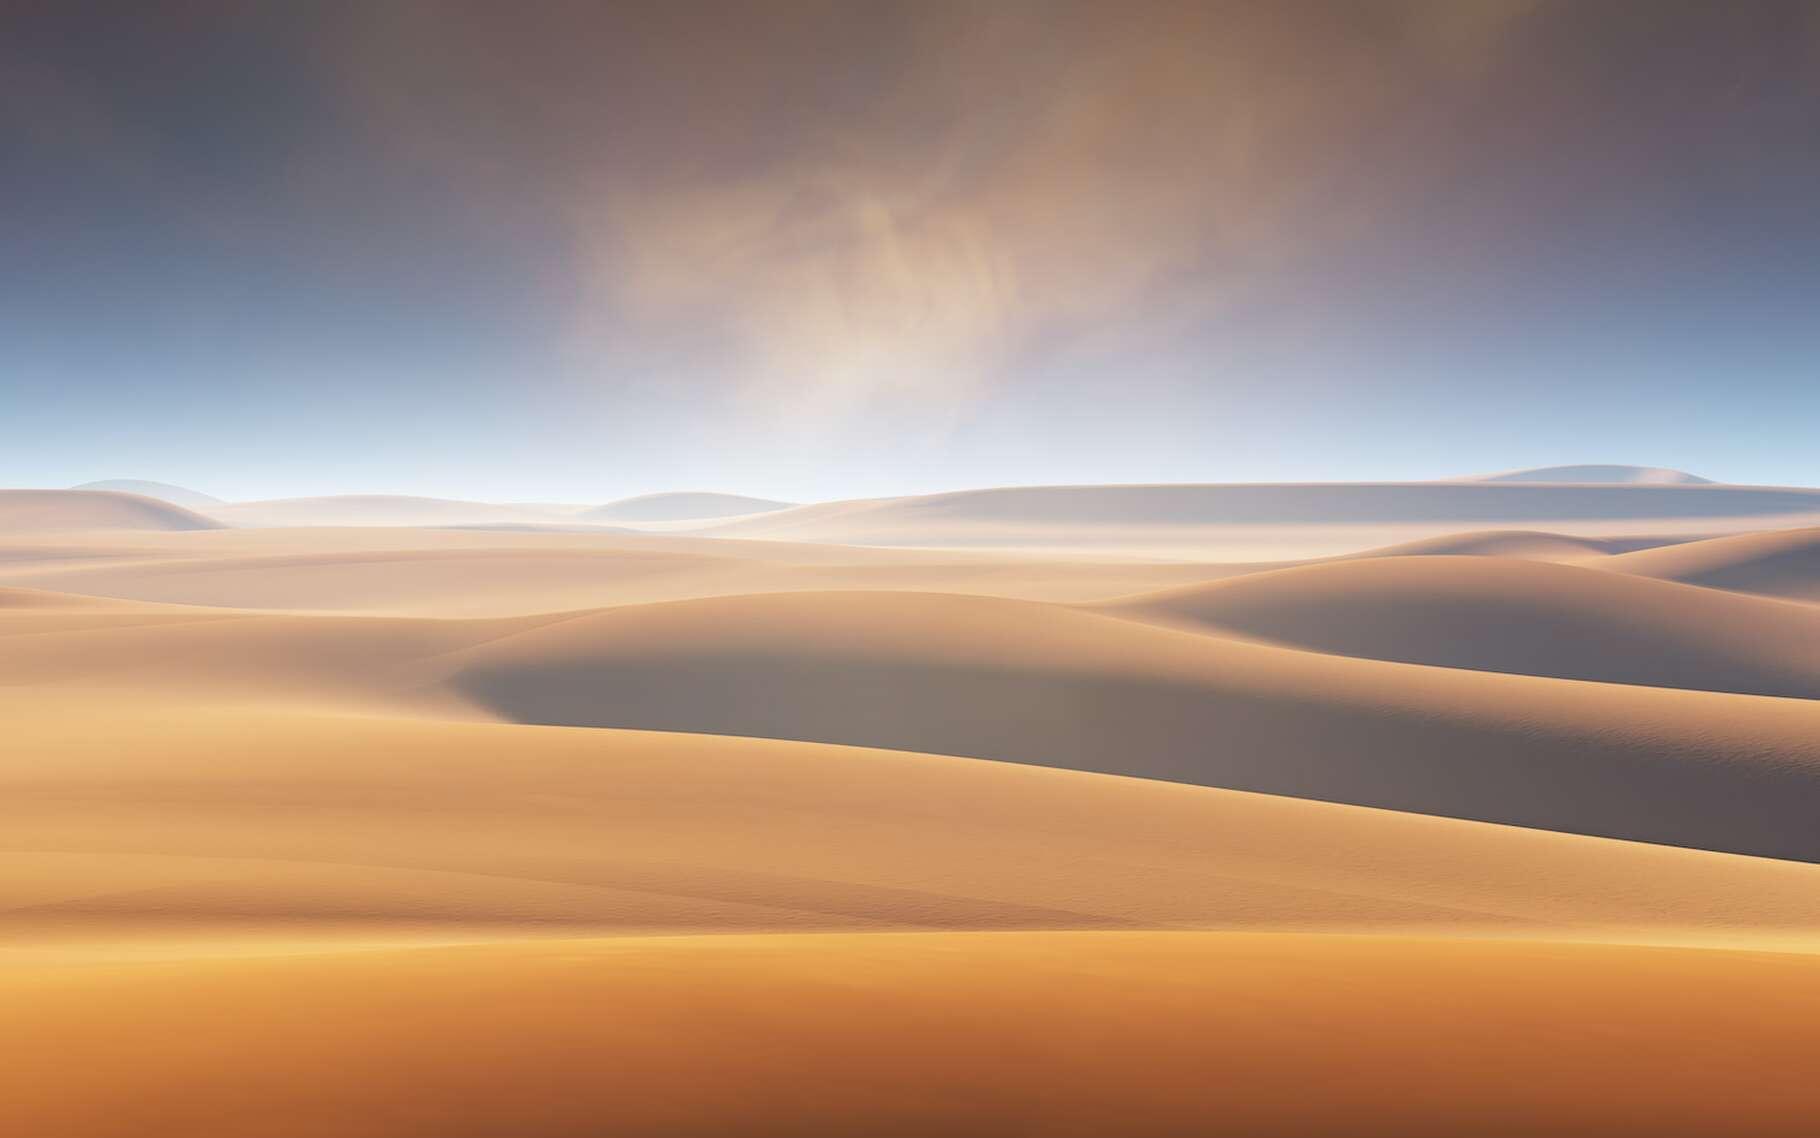 Pourquoi des nuages de sable du Sahara survolent l'Europe ? Et que transportent-ils ? - Futura